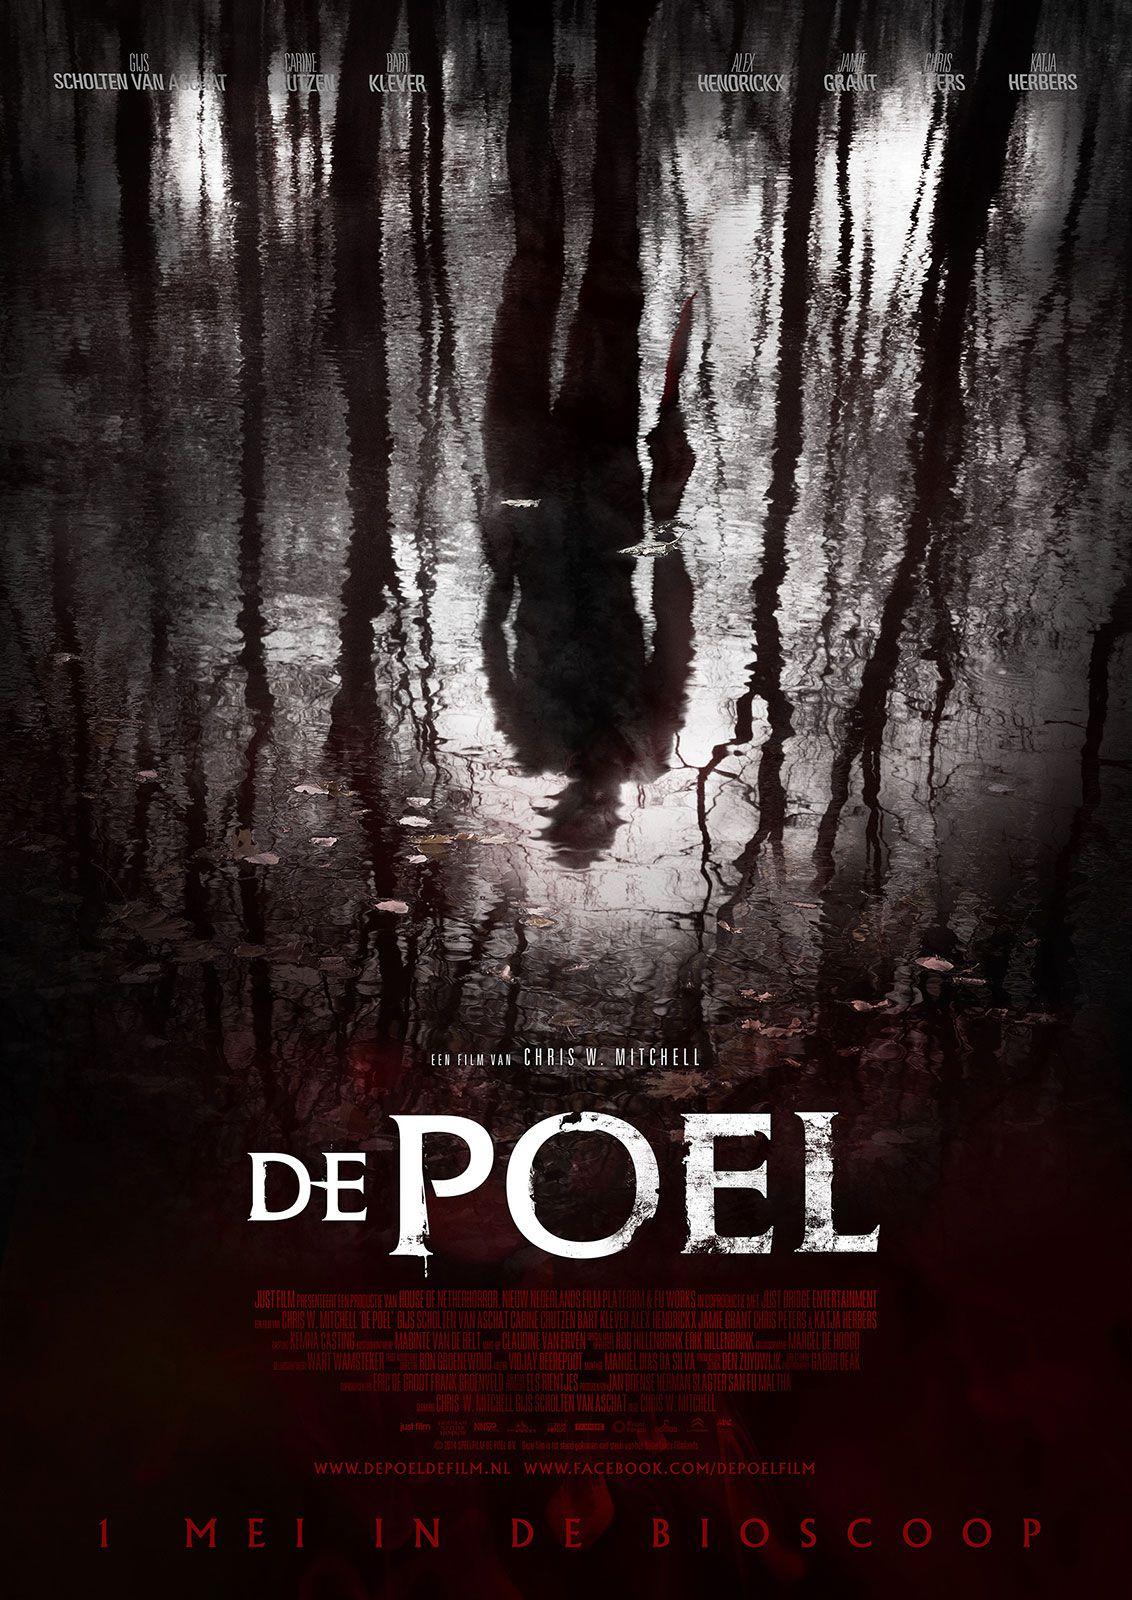 De poel - Film (2014)